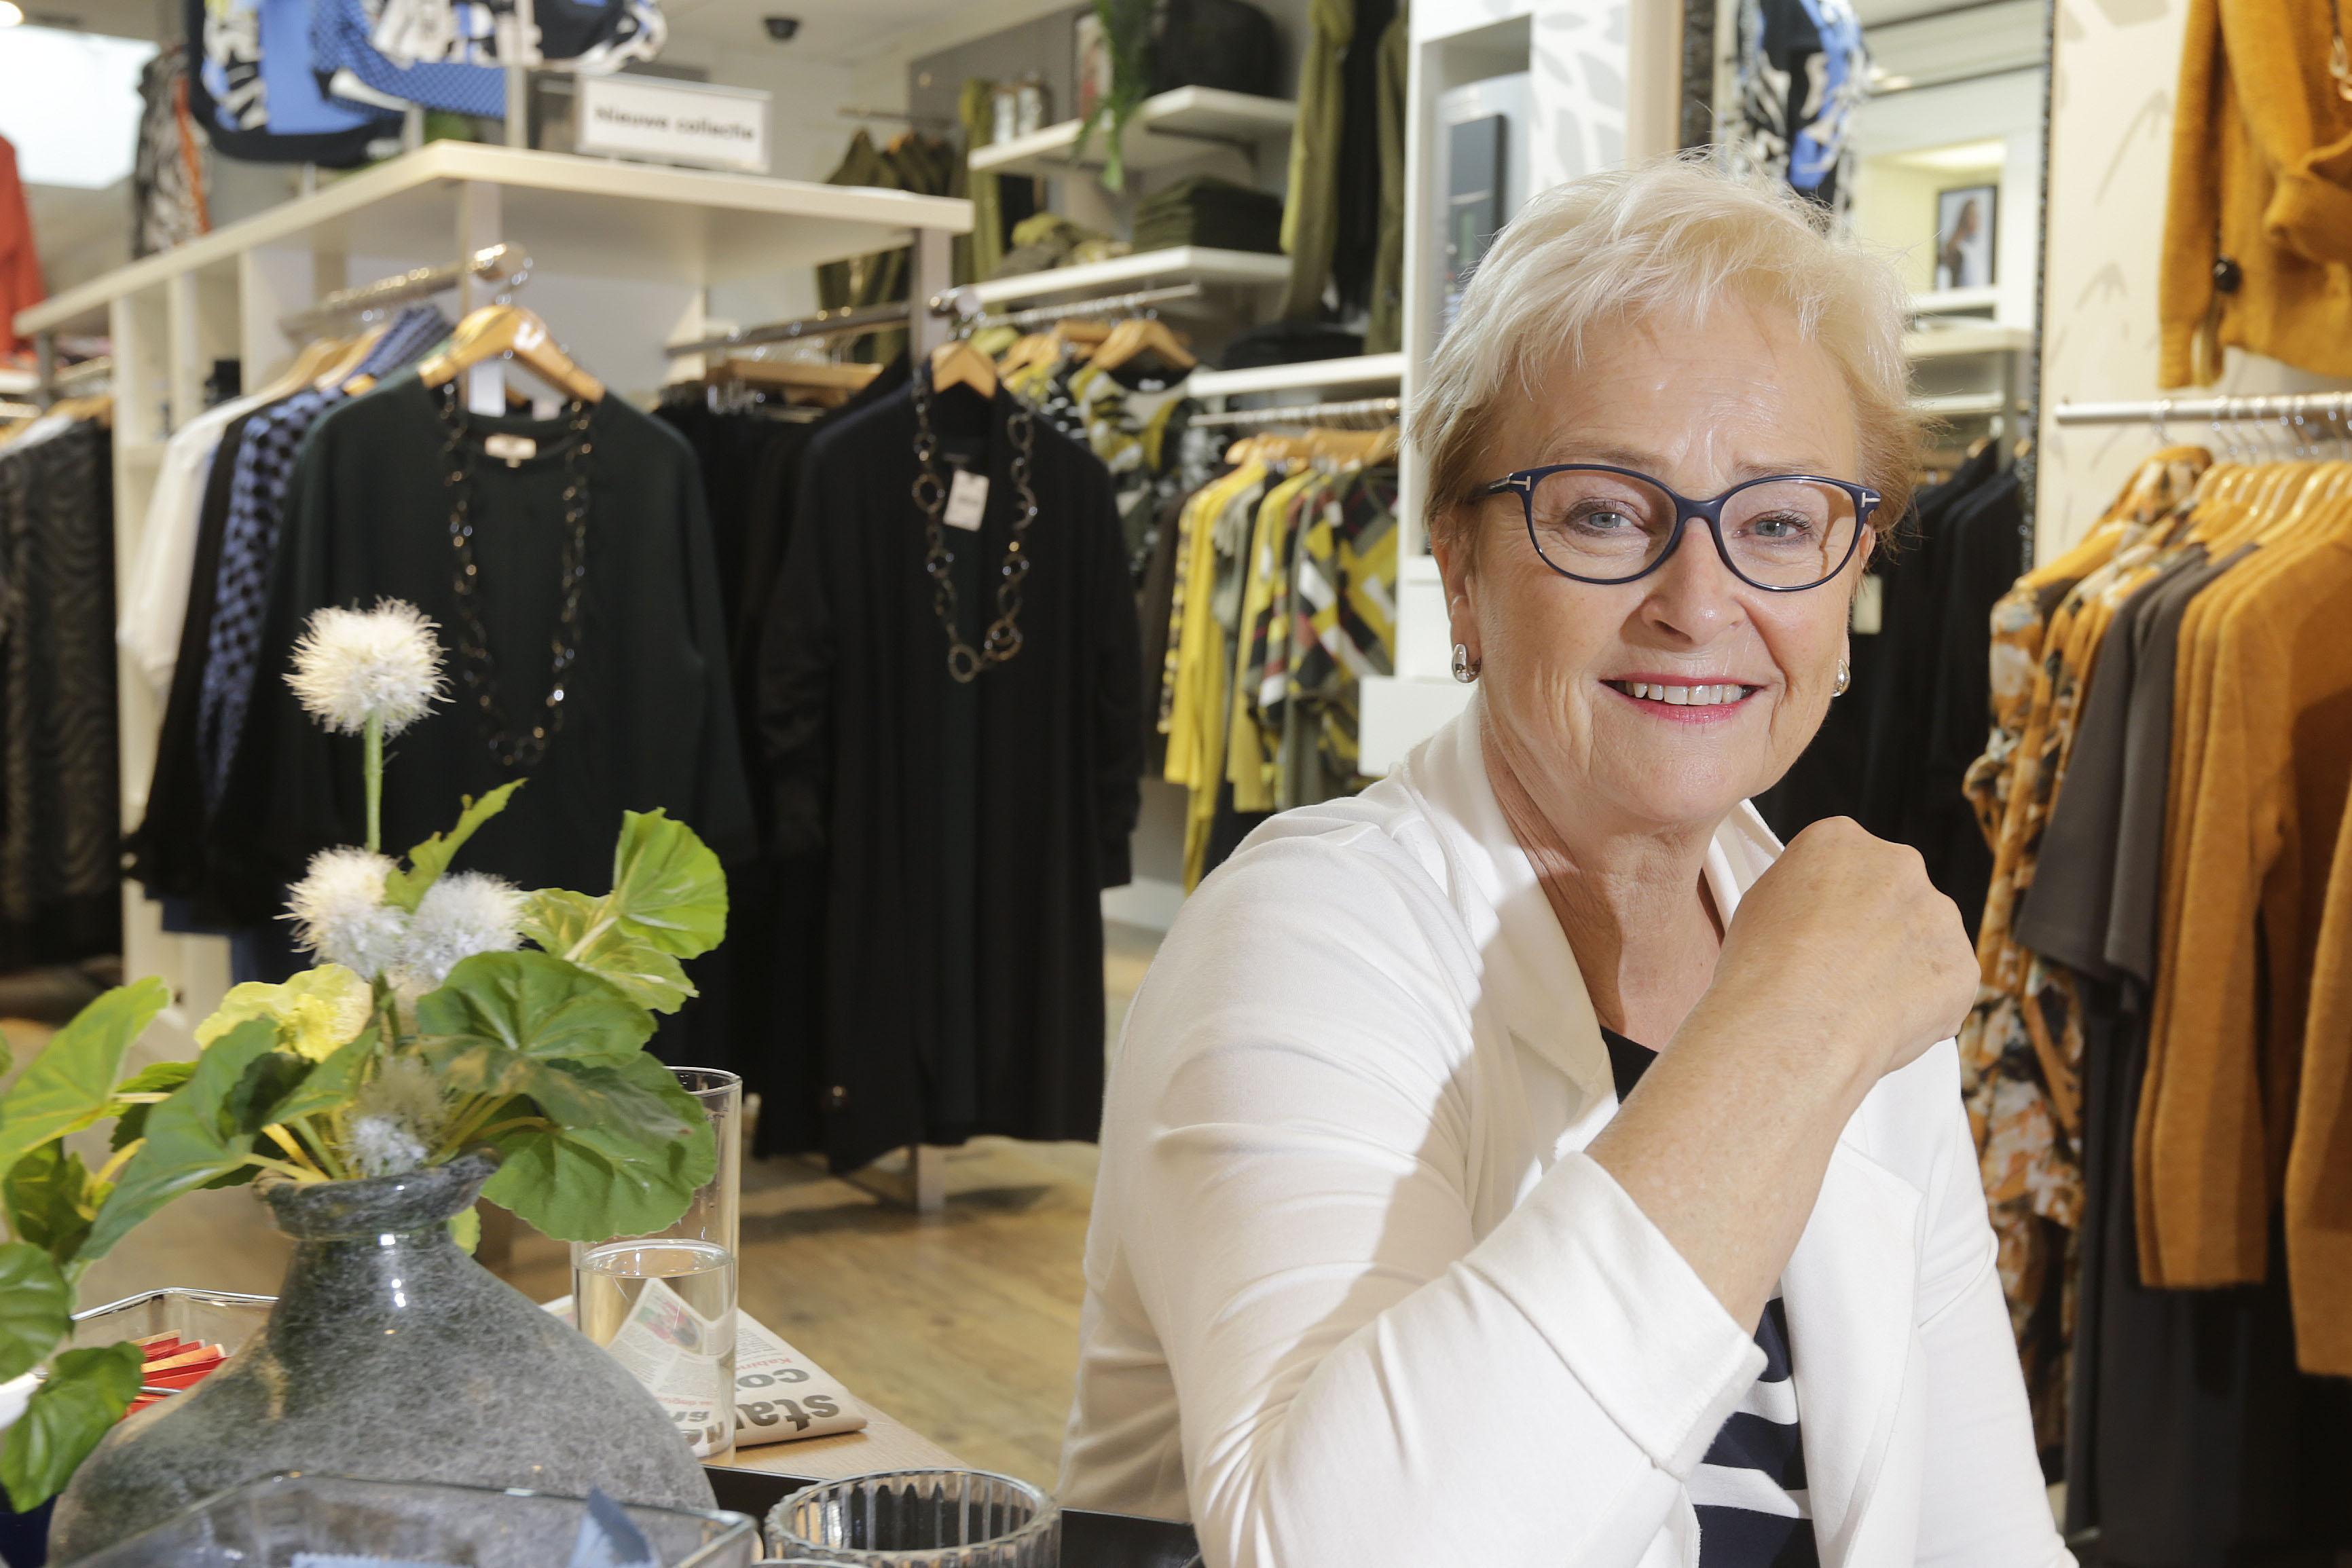 Tineke koos er niet voor, maar ze zit al vijftig jaar aan de Gedempte Gracht in Schagen. 'Prachtige, levendige winkelstraat'